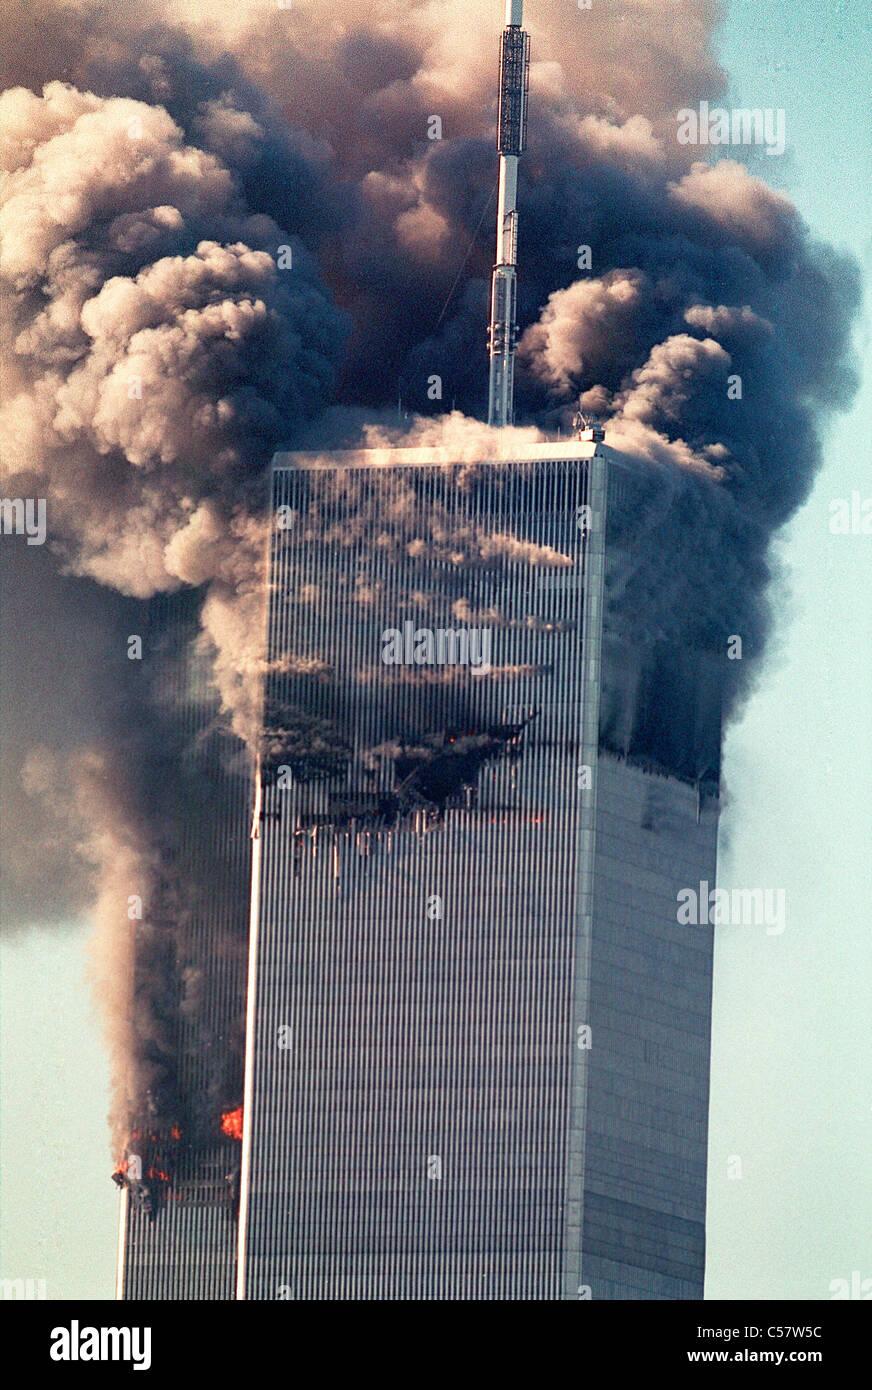 World Trade Center, New York City Terroranschlag, 11. September 2001. Stockbild